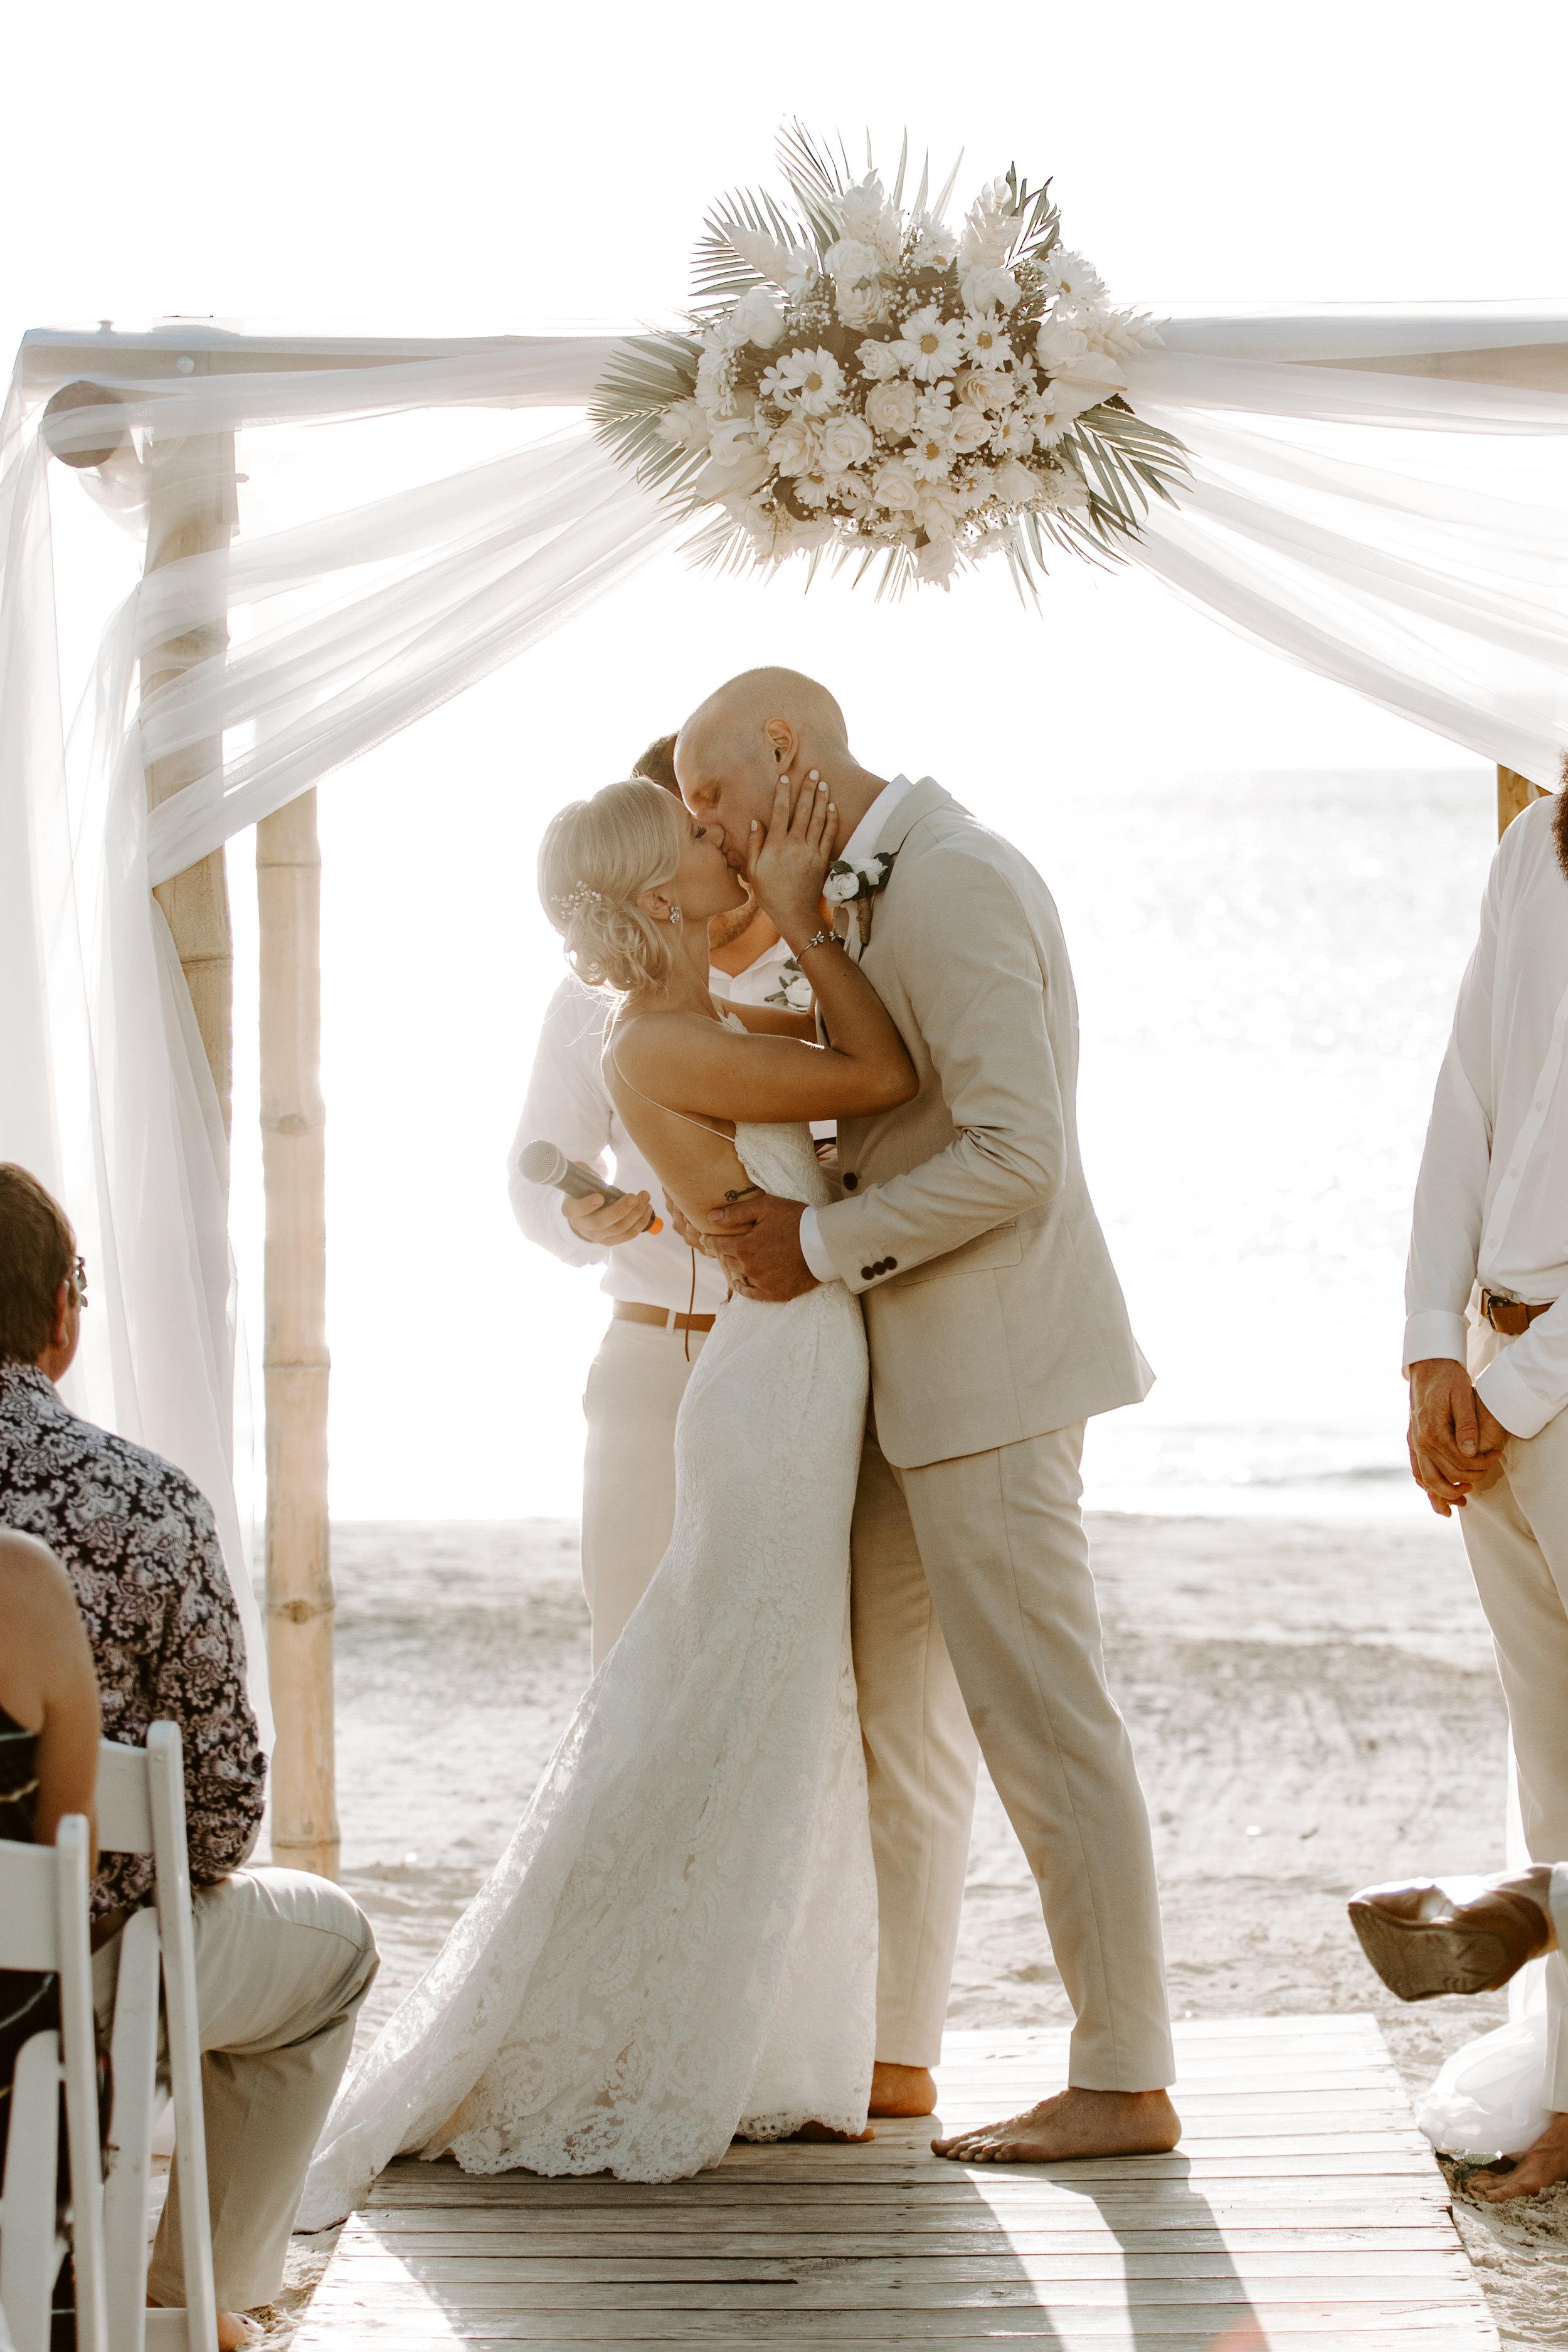 beach wedding, beach wedding ceremony, i do, bride and groom, beach wedding dress, first kiss, backless wedding dress, backless dress, katie may, katie may bridal, destination wedding, jamaican wedding, define fettle